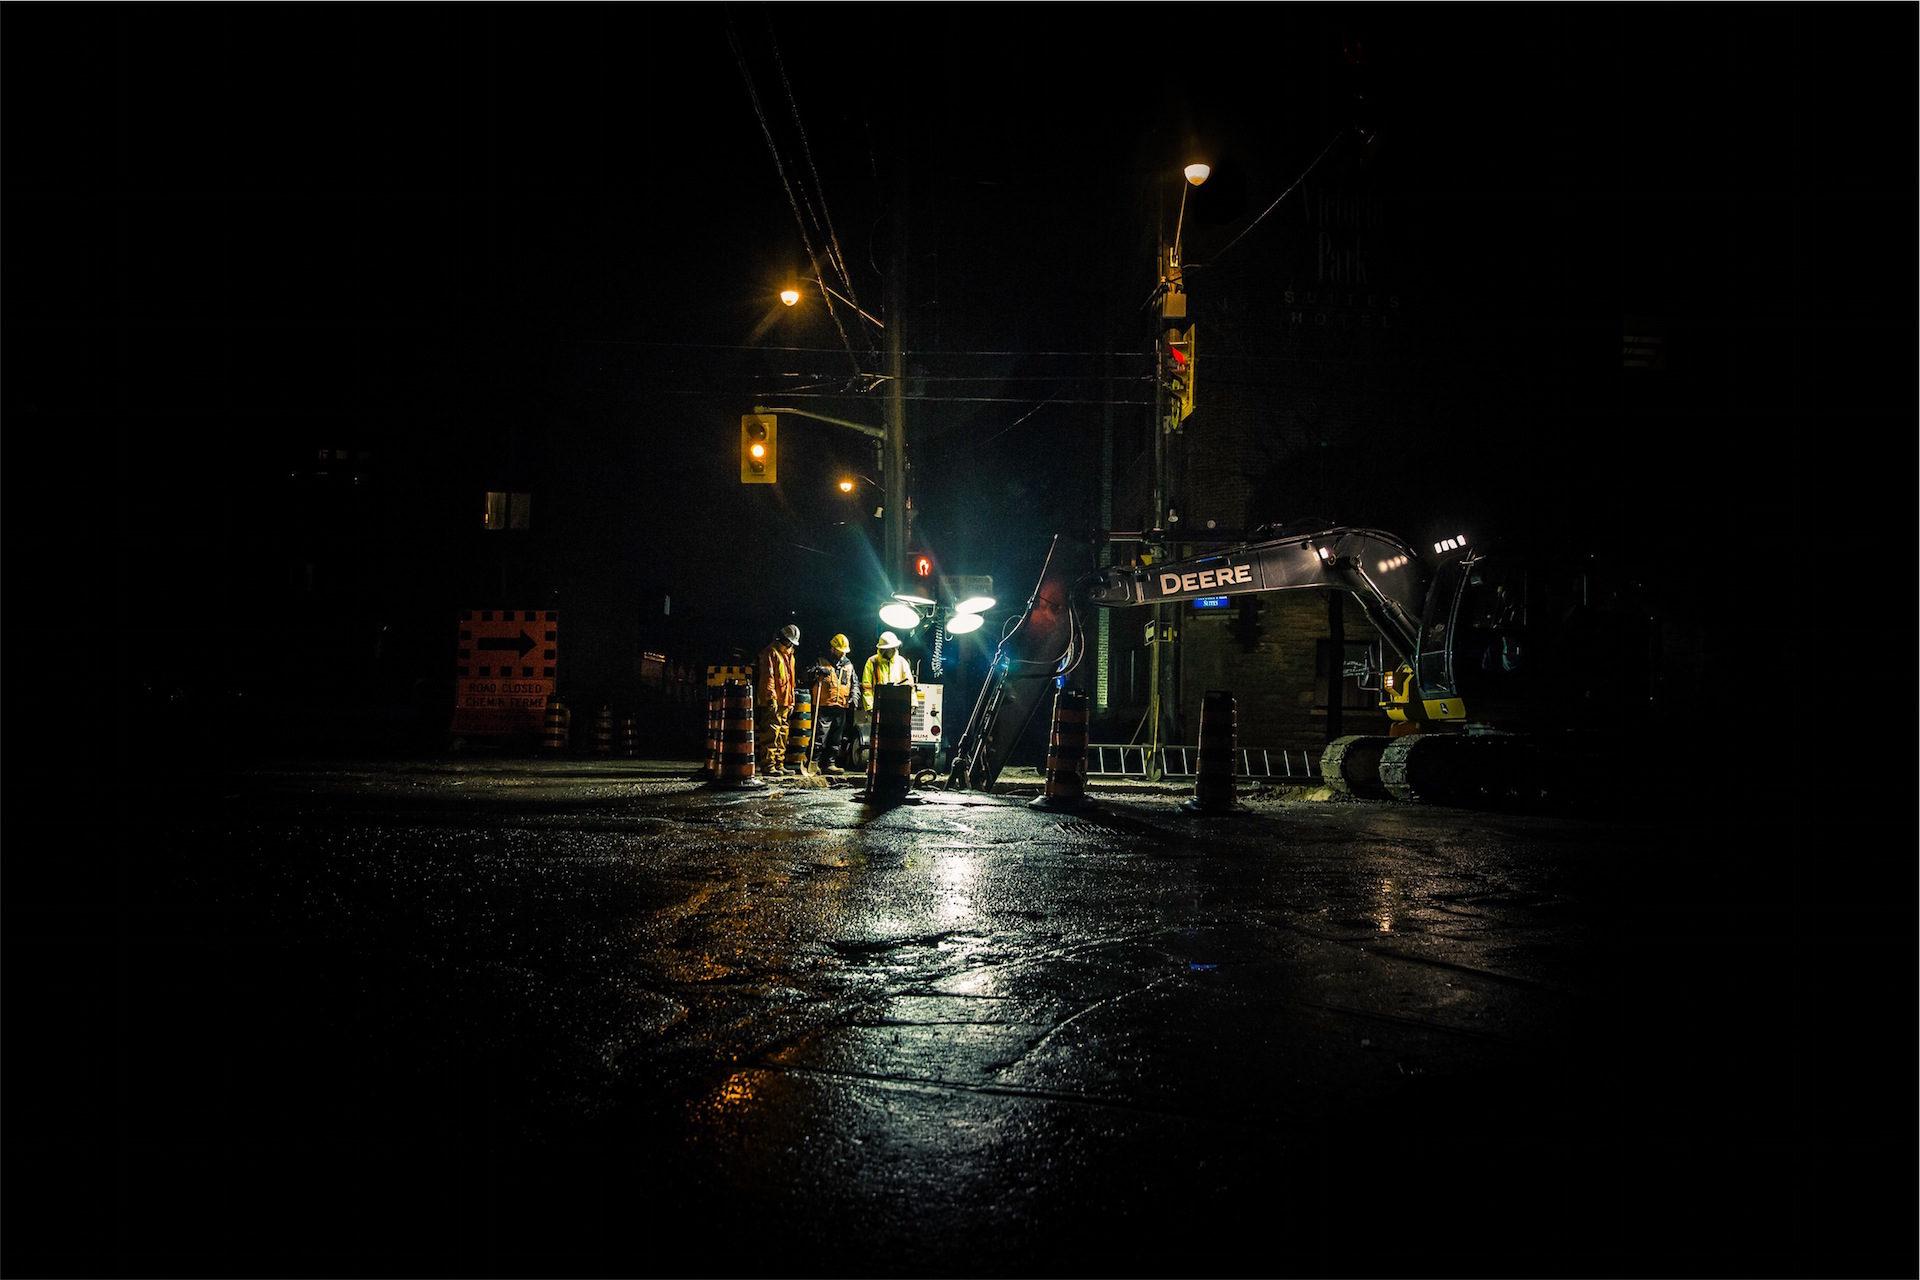 ночь, рабочие, техническое обслуживание, Светофоры, Пока вы спите - Обои HD - Профессор falken.com